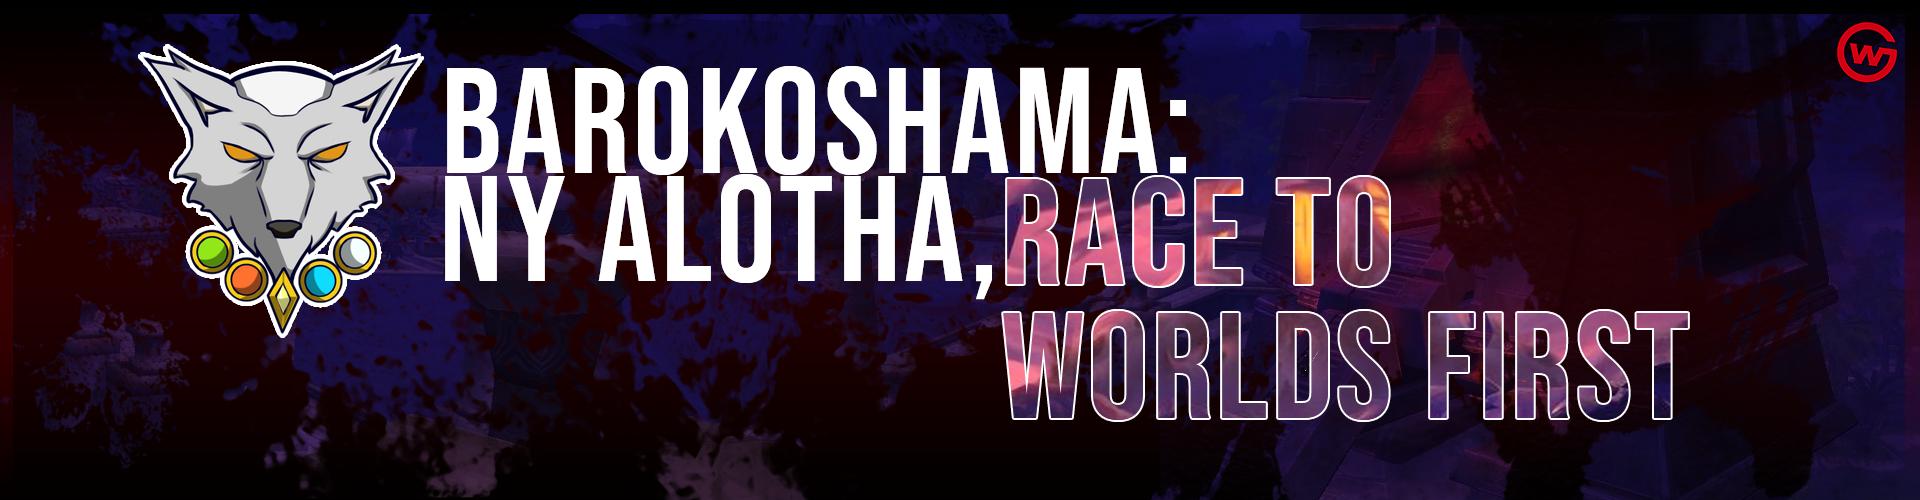 Barokoshama: Ny'Alotha, Race to Worlds First